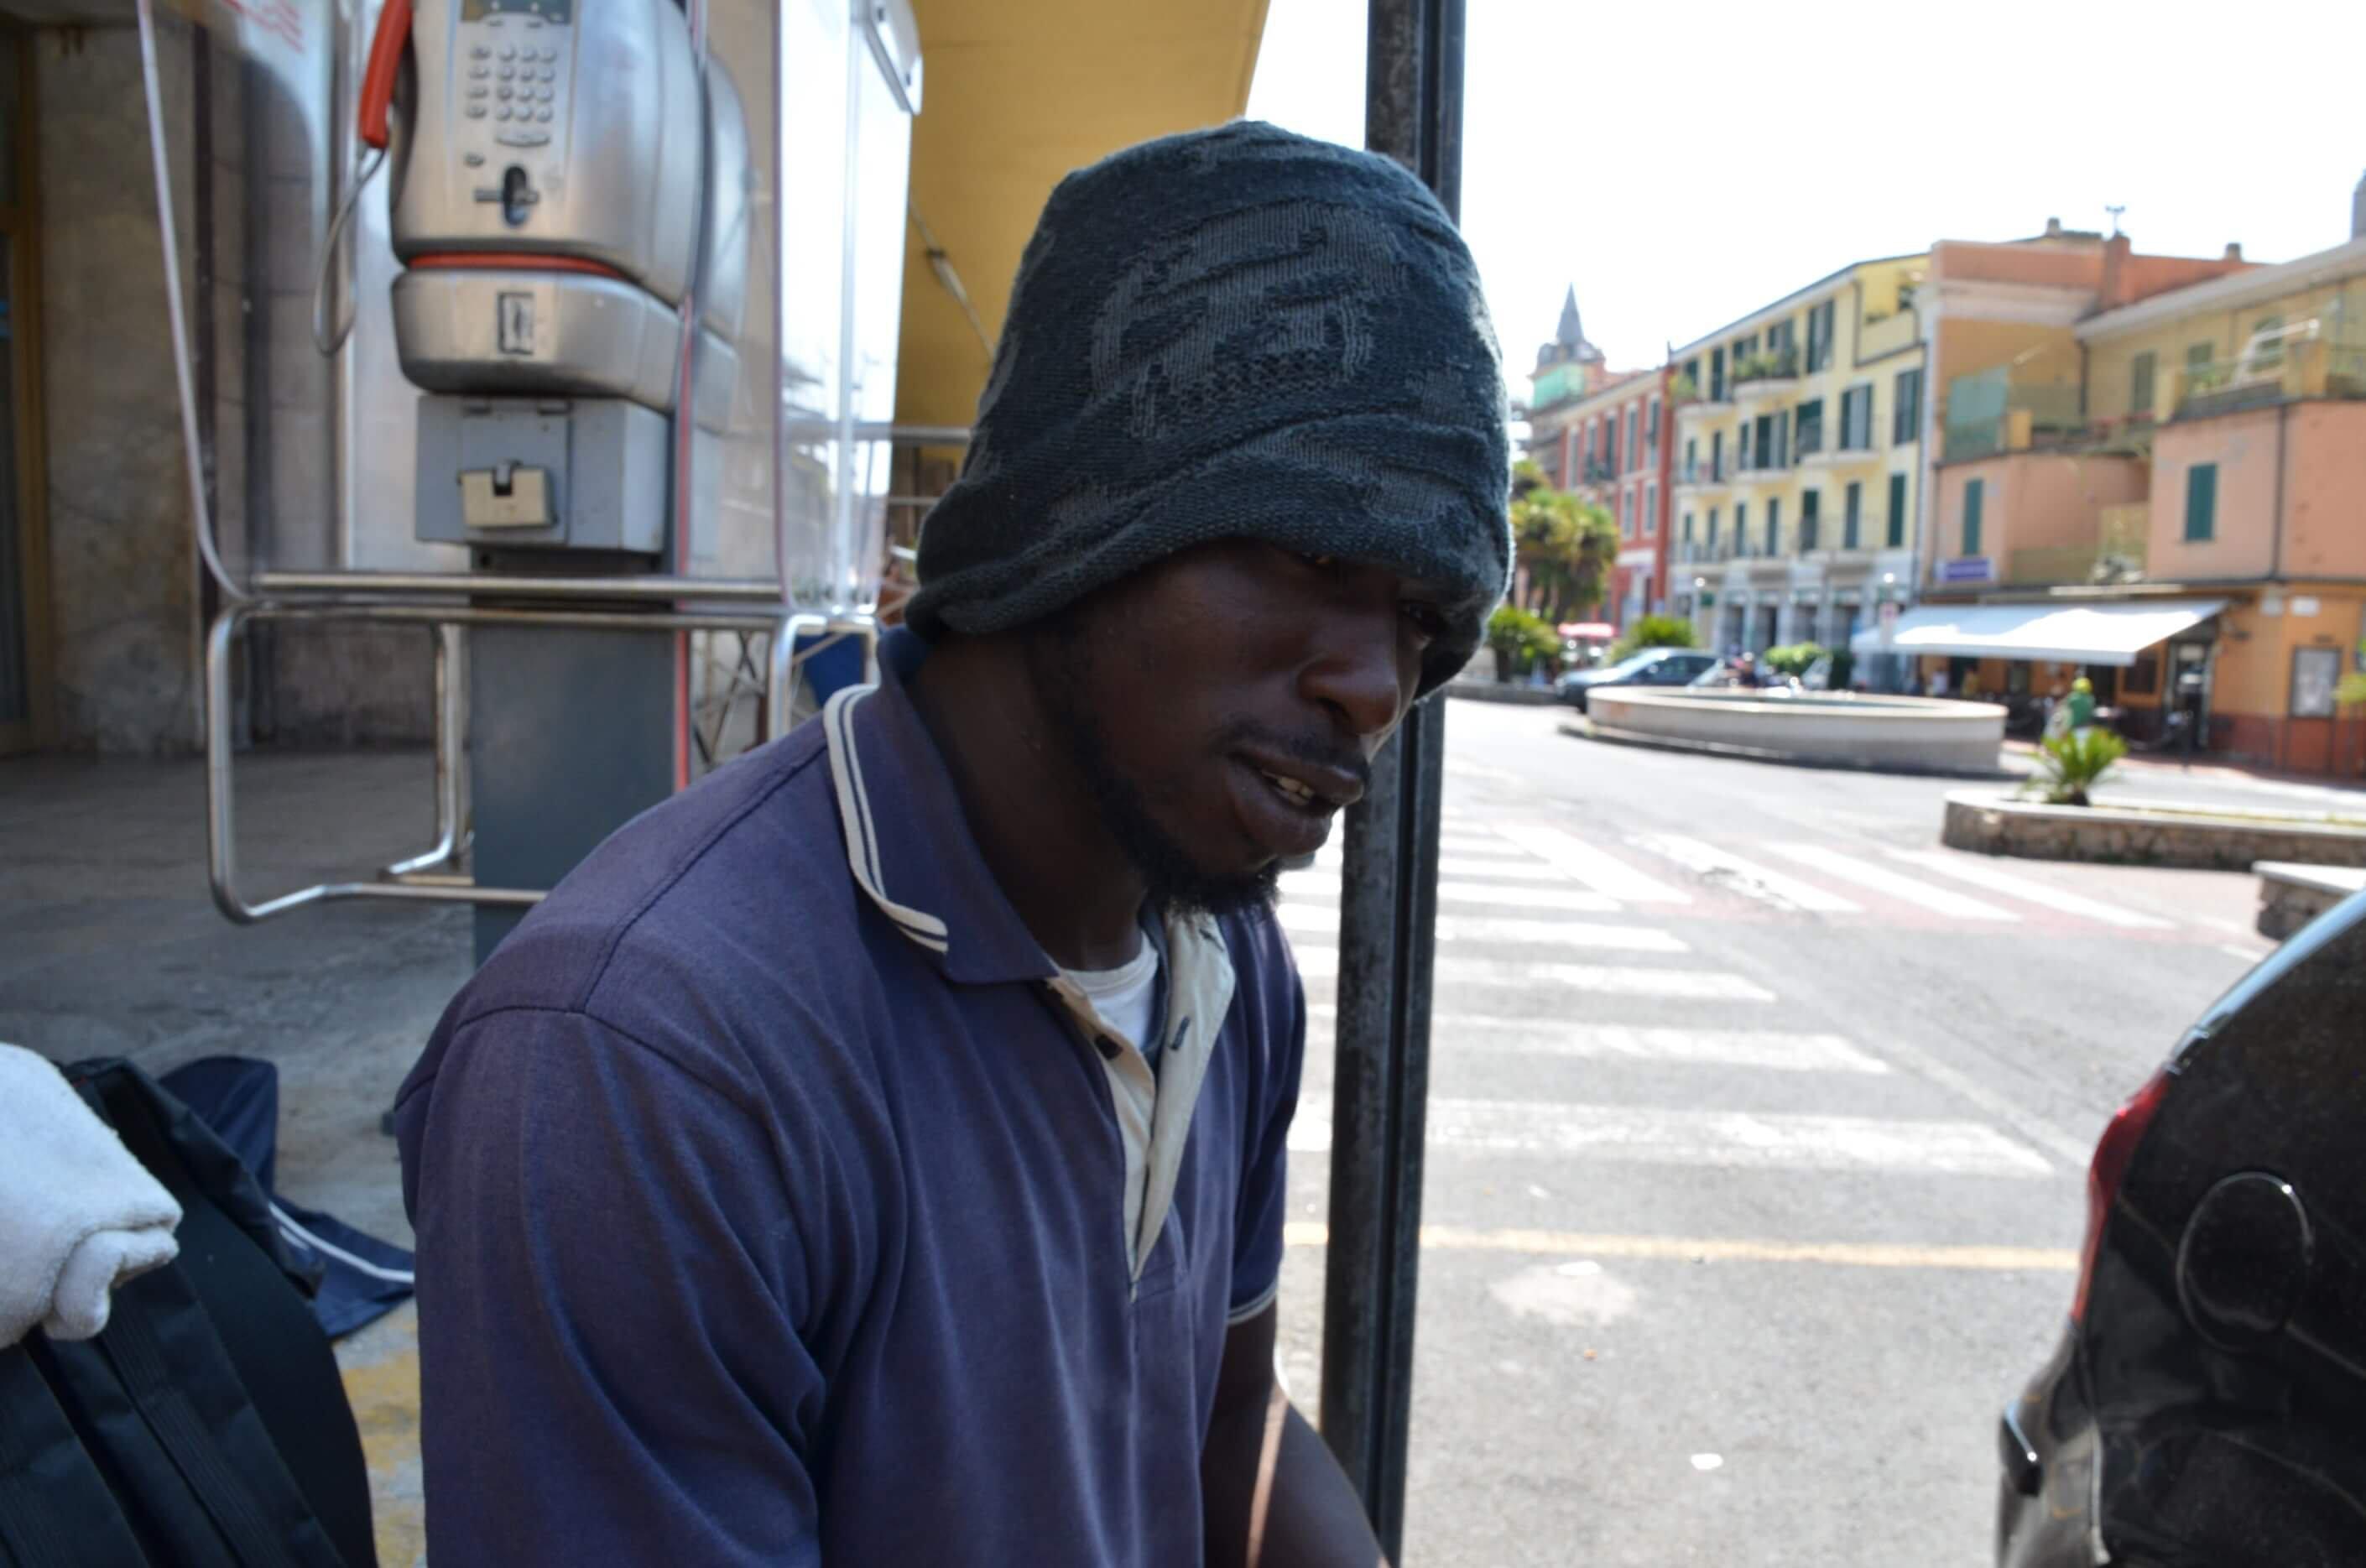 Noulou, de Gana, em frente à estação de trem de Ventimiglia. Ele já tentou entrar na França cinco vezes